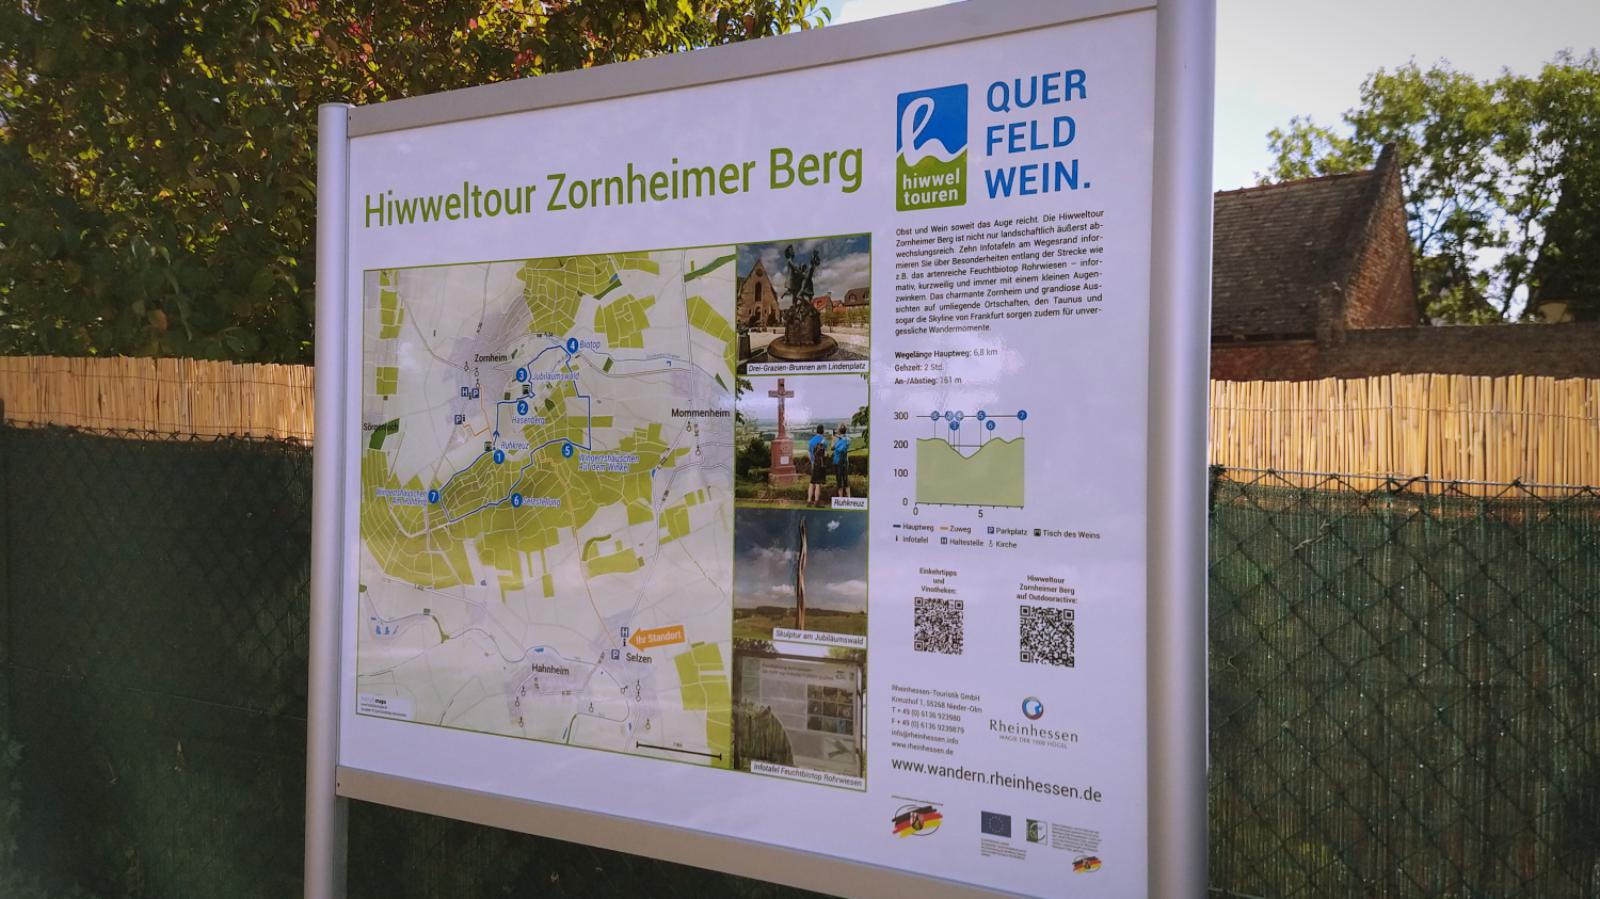 Neuer Zuweg von Selzen zur Hiwweltour Zornheimer Berg